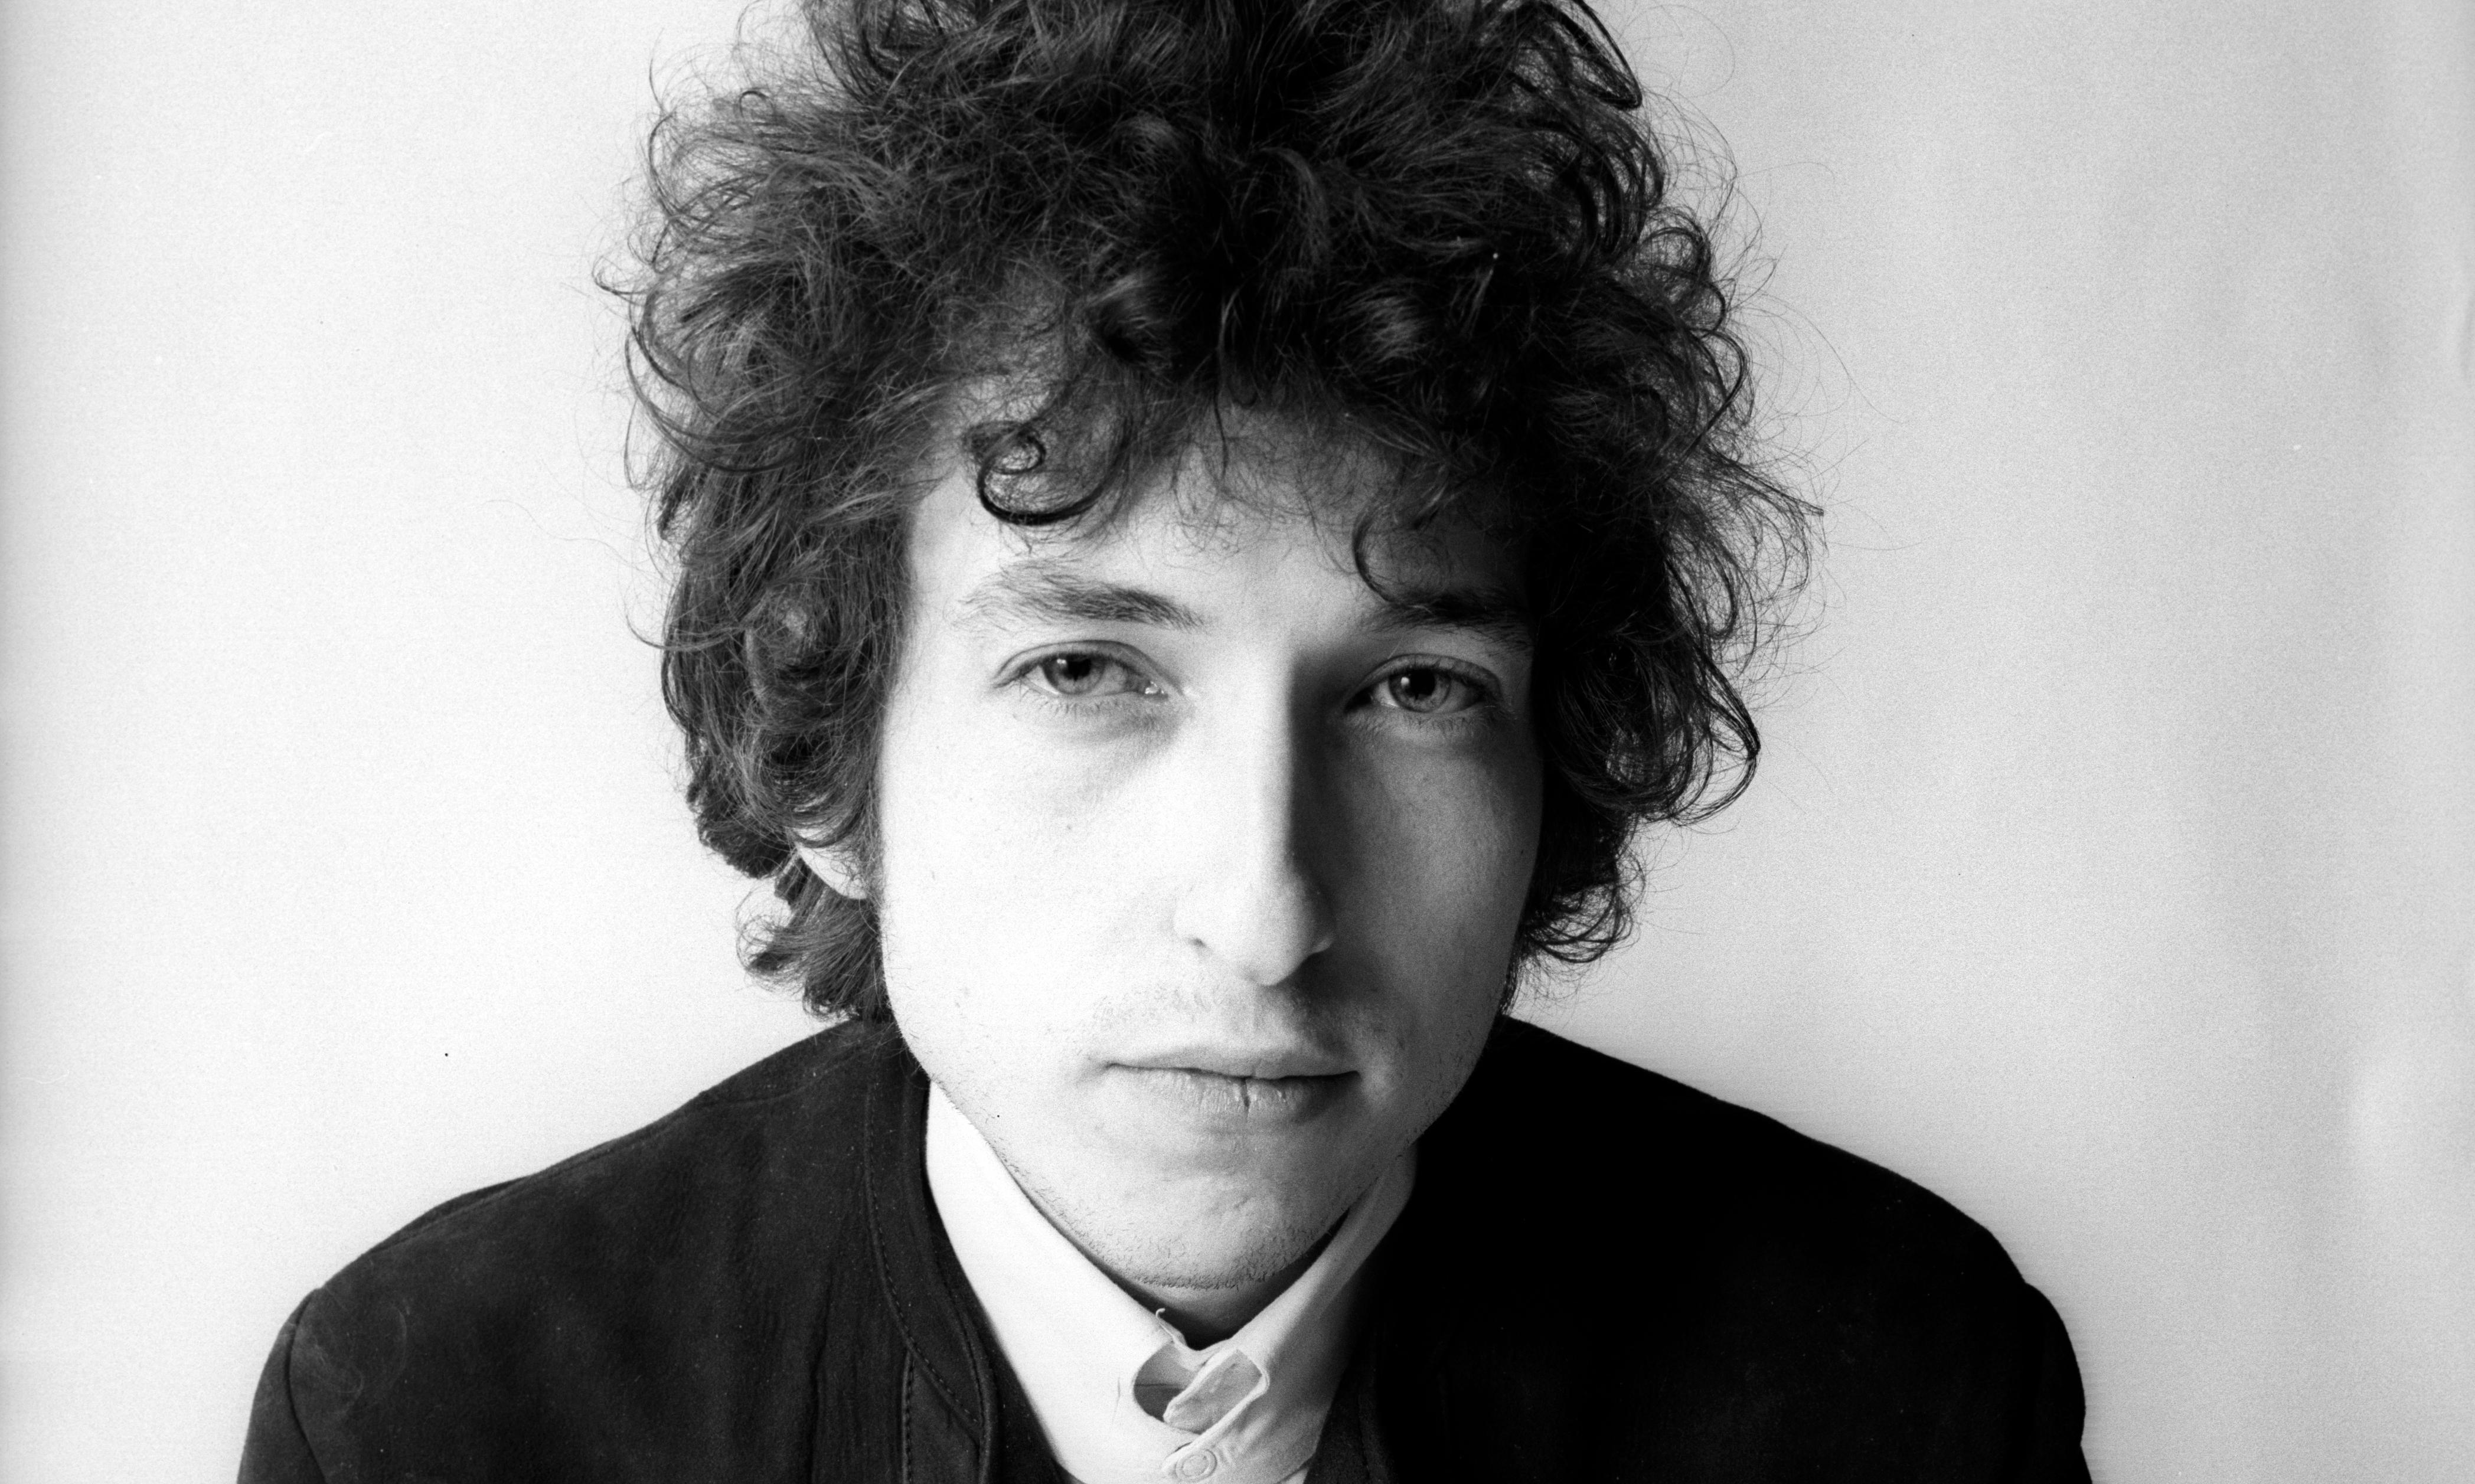 مورد عجیب باب دیلن